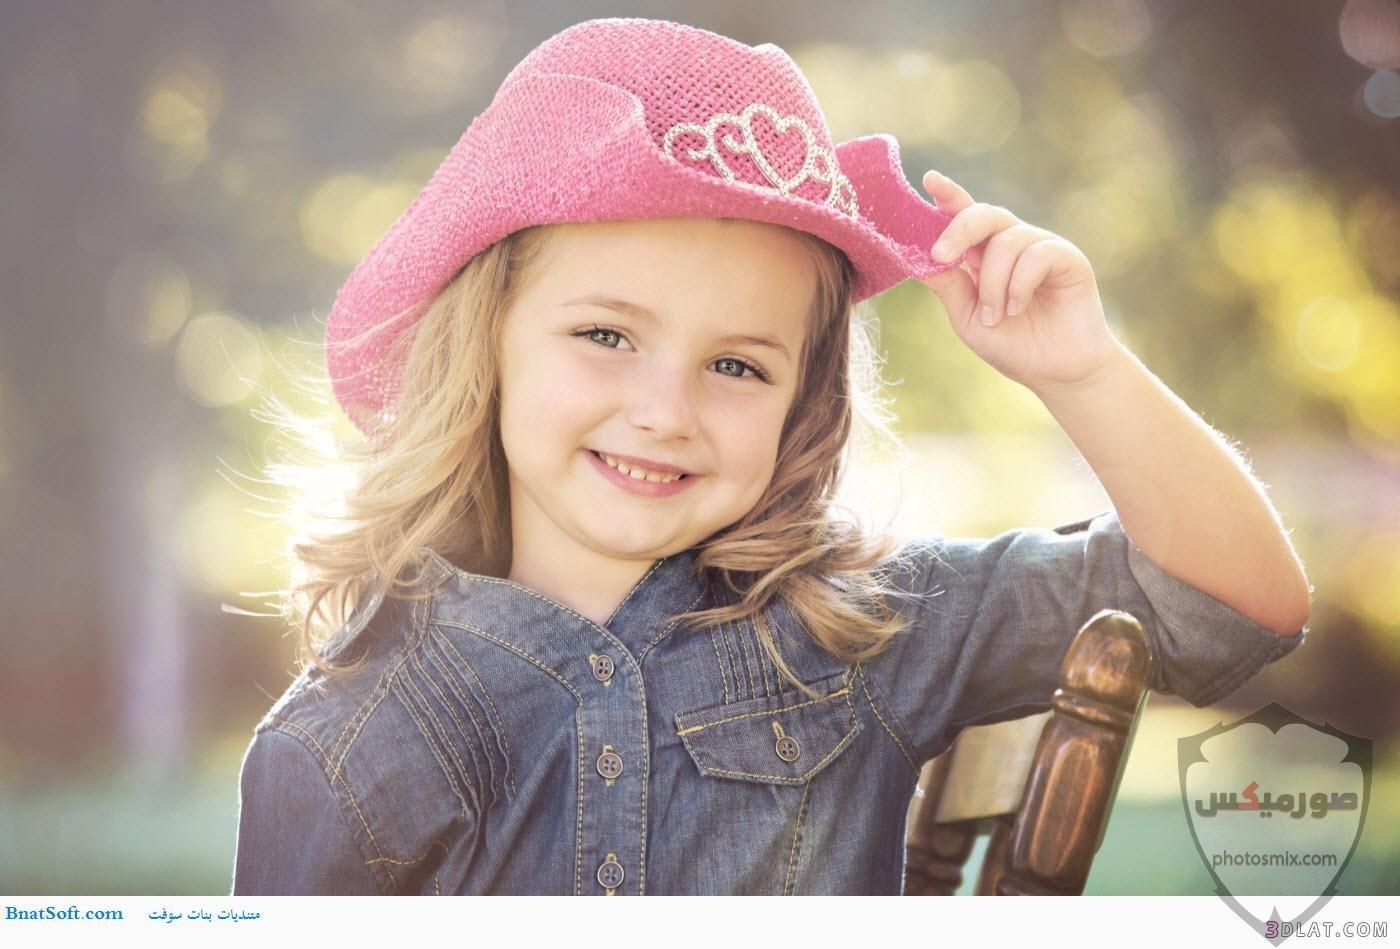 صور شباب روعه صورة شباب 2020 صور جميلة 6